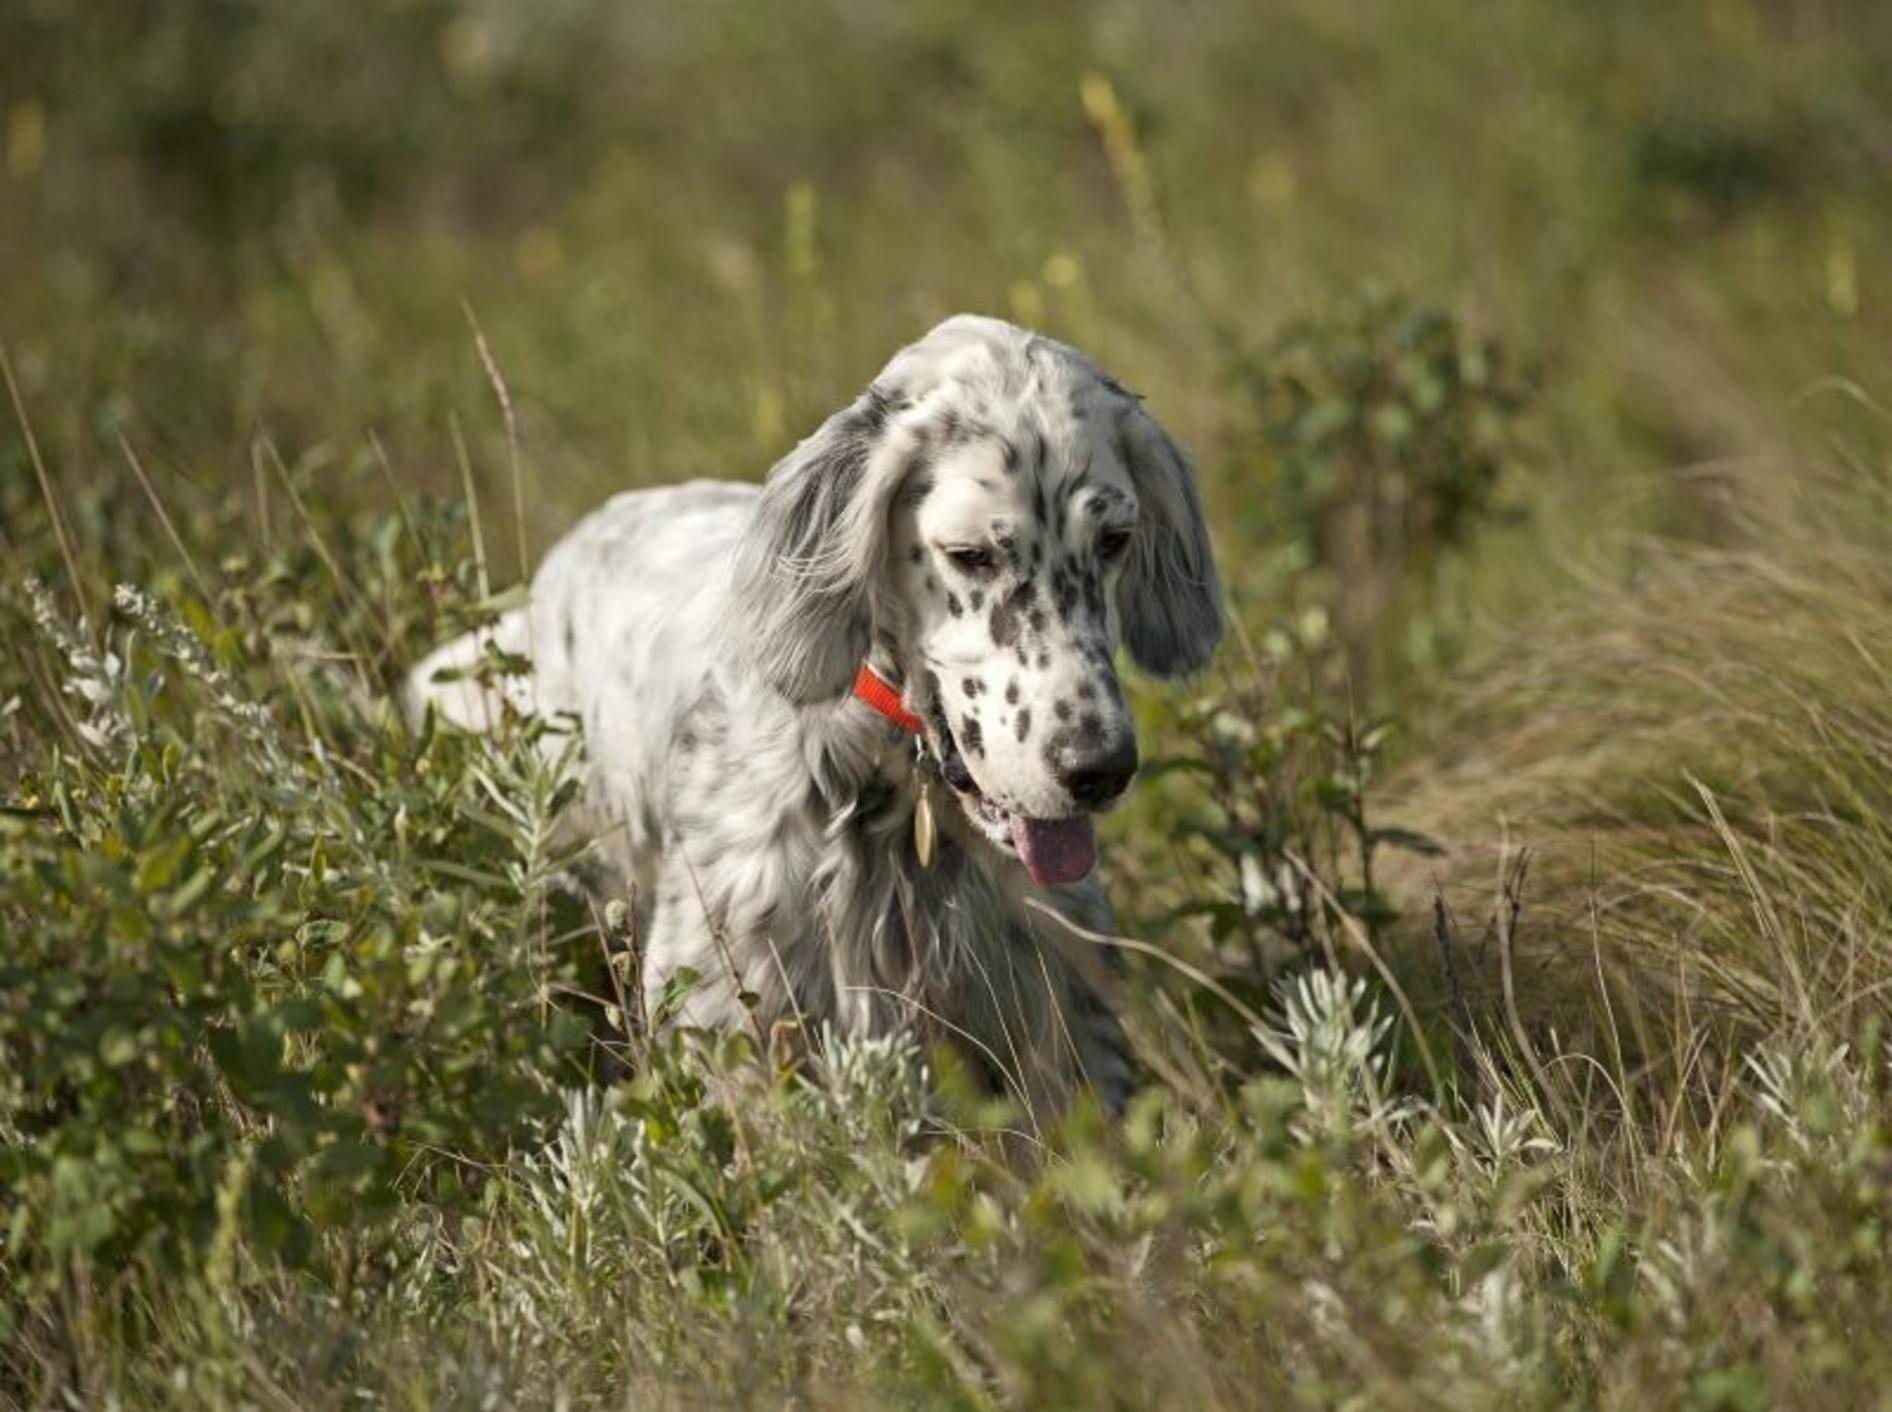 Der English Setter: Ein Hund, der gerne draußen ist – Bild: Shutterstock / Barna Tanko